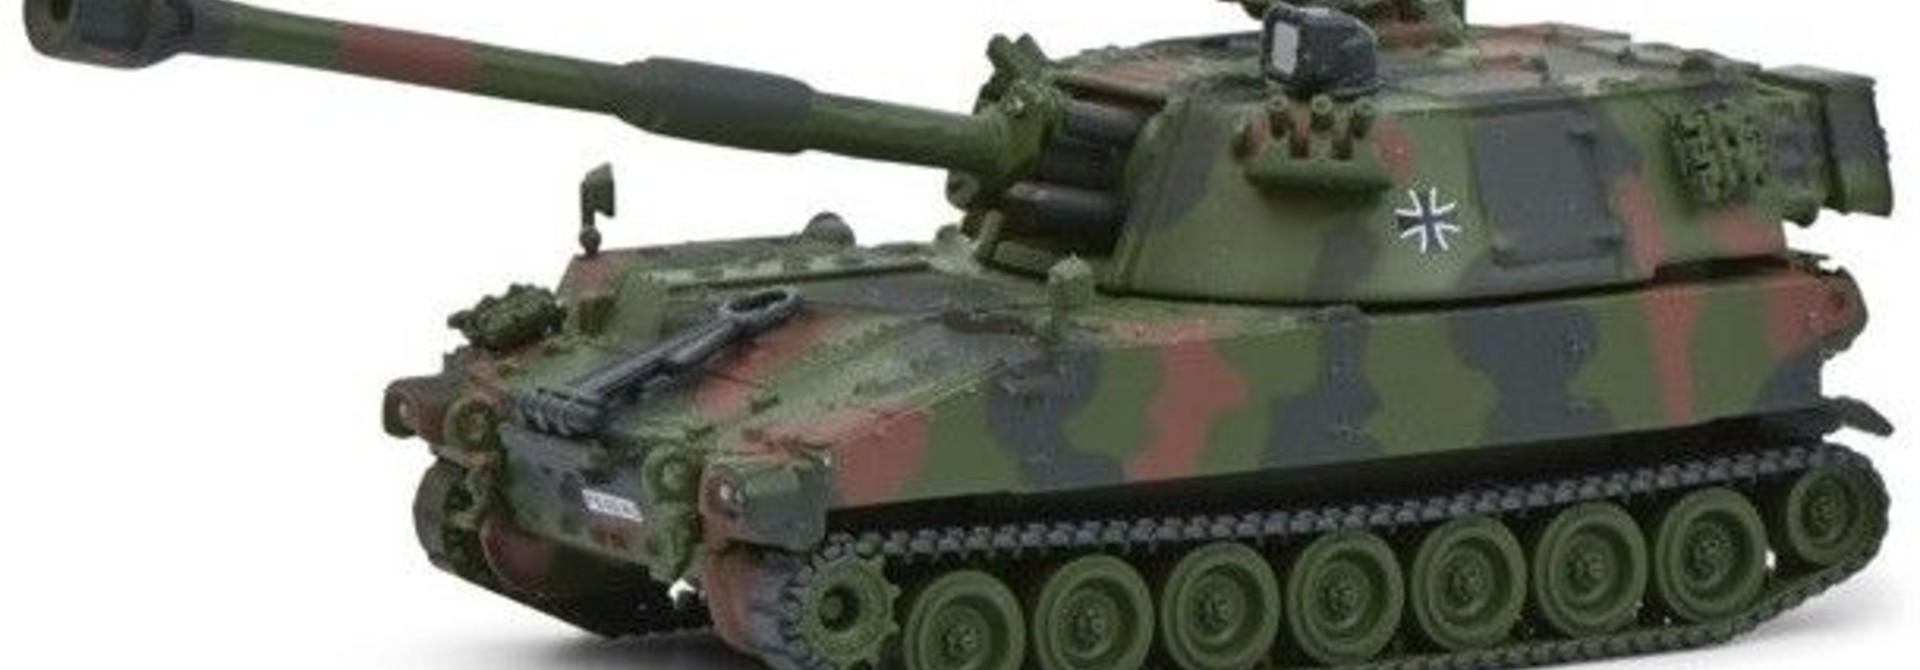 Panzerhaubitze M-109G Bundeswehr